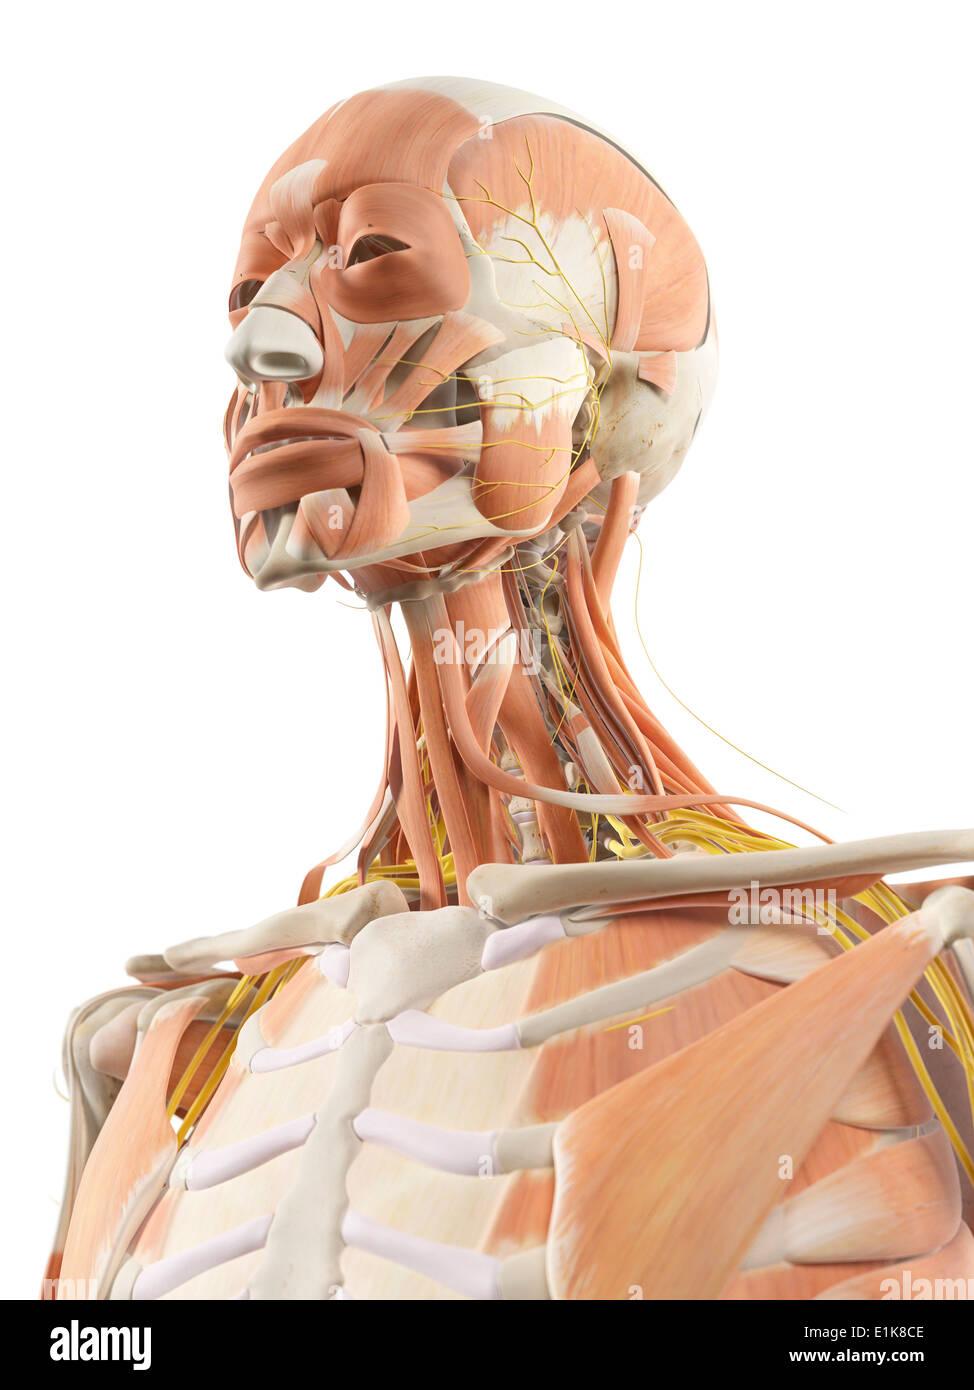 Los músculos y los nervios en el cuello humano equipo ilustraciones ...